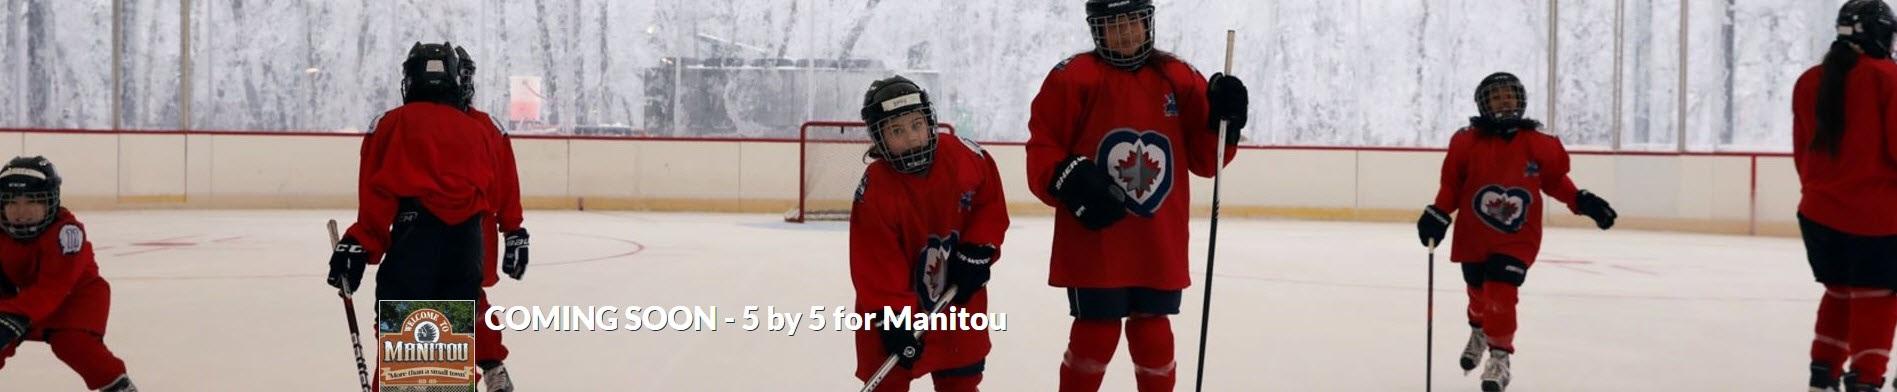 5x5+Manitou+banner.jpg